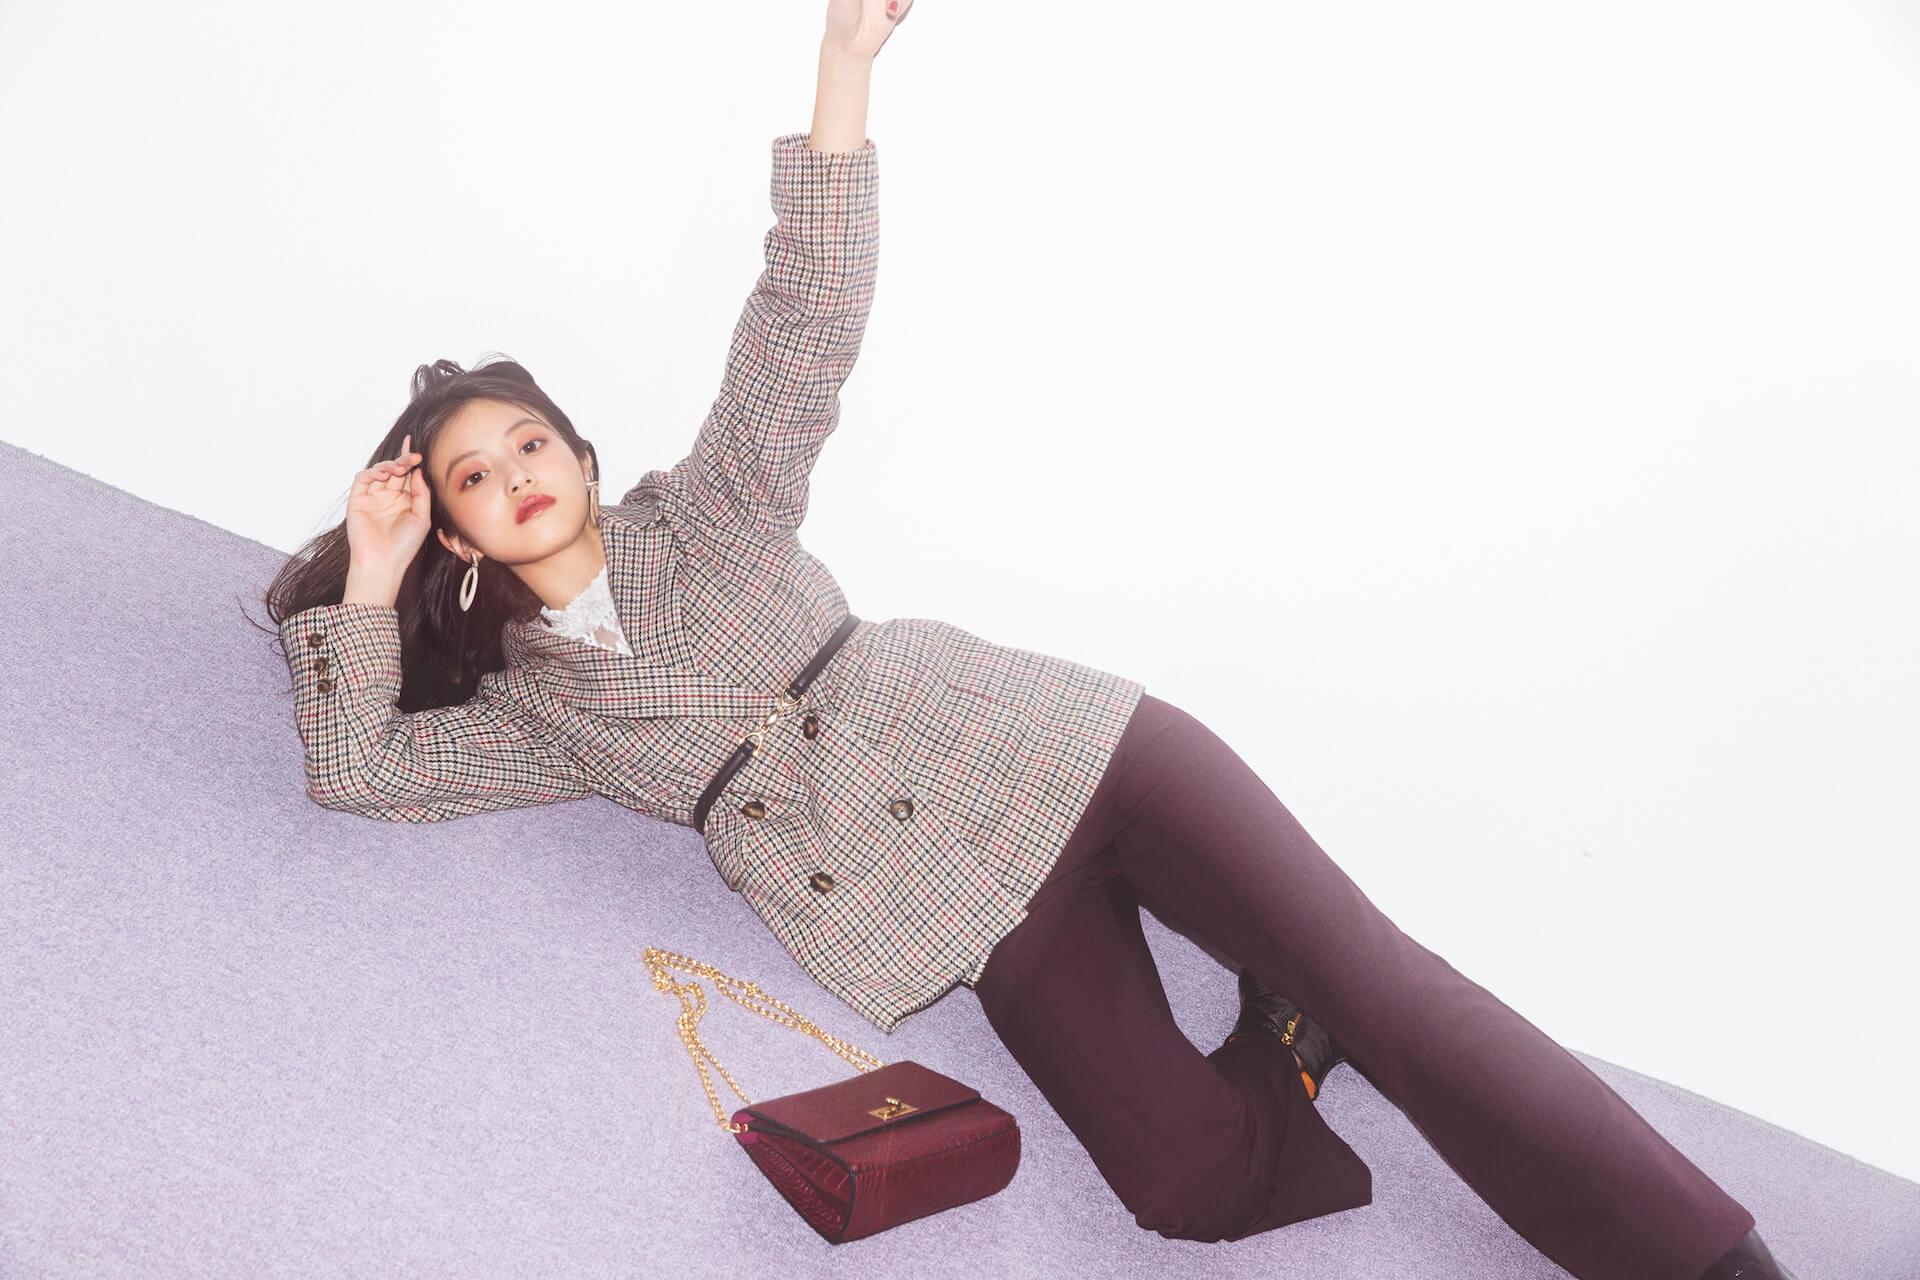 GRLが女優・今田美桜を起用した2019年秋冬ビジュアルを公開|今田美桜からのコメントも到着 lifefashion_1108_grl_1